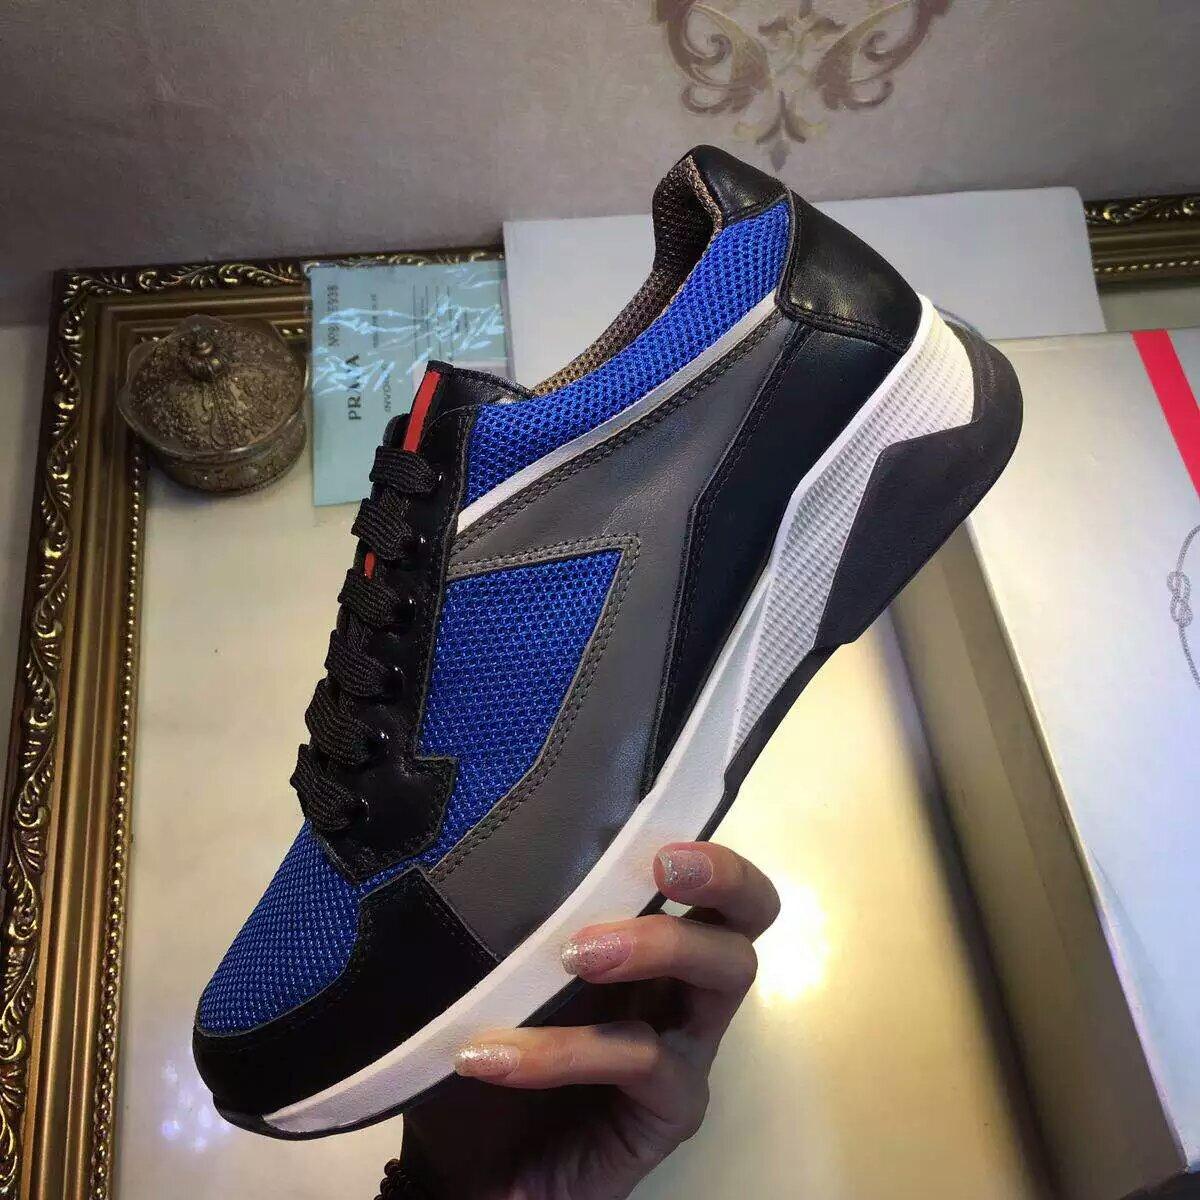 【PRADA】 普拉达专柜新款运动休闲鞋